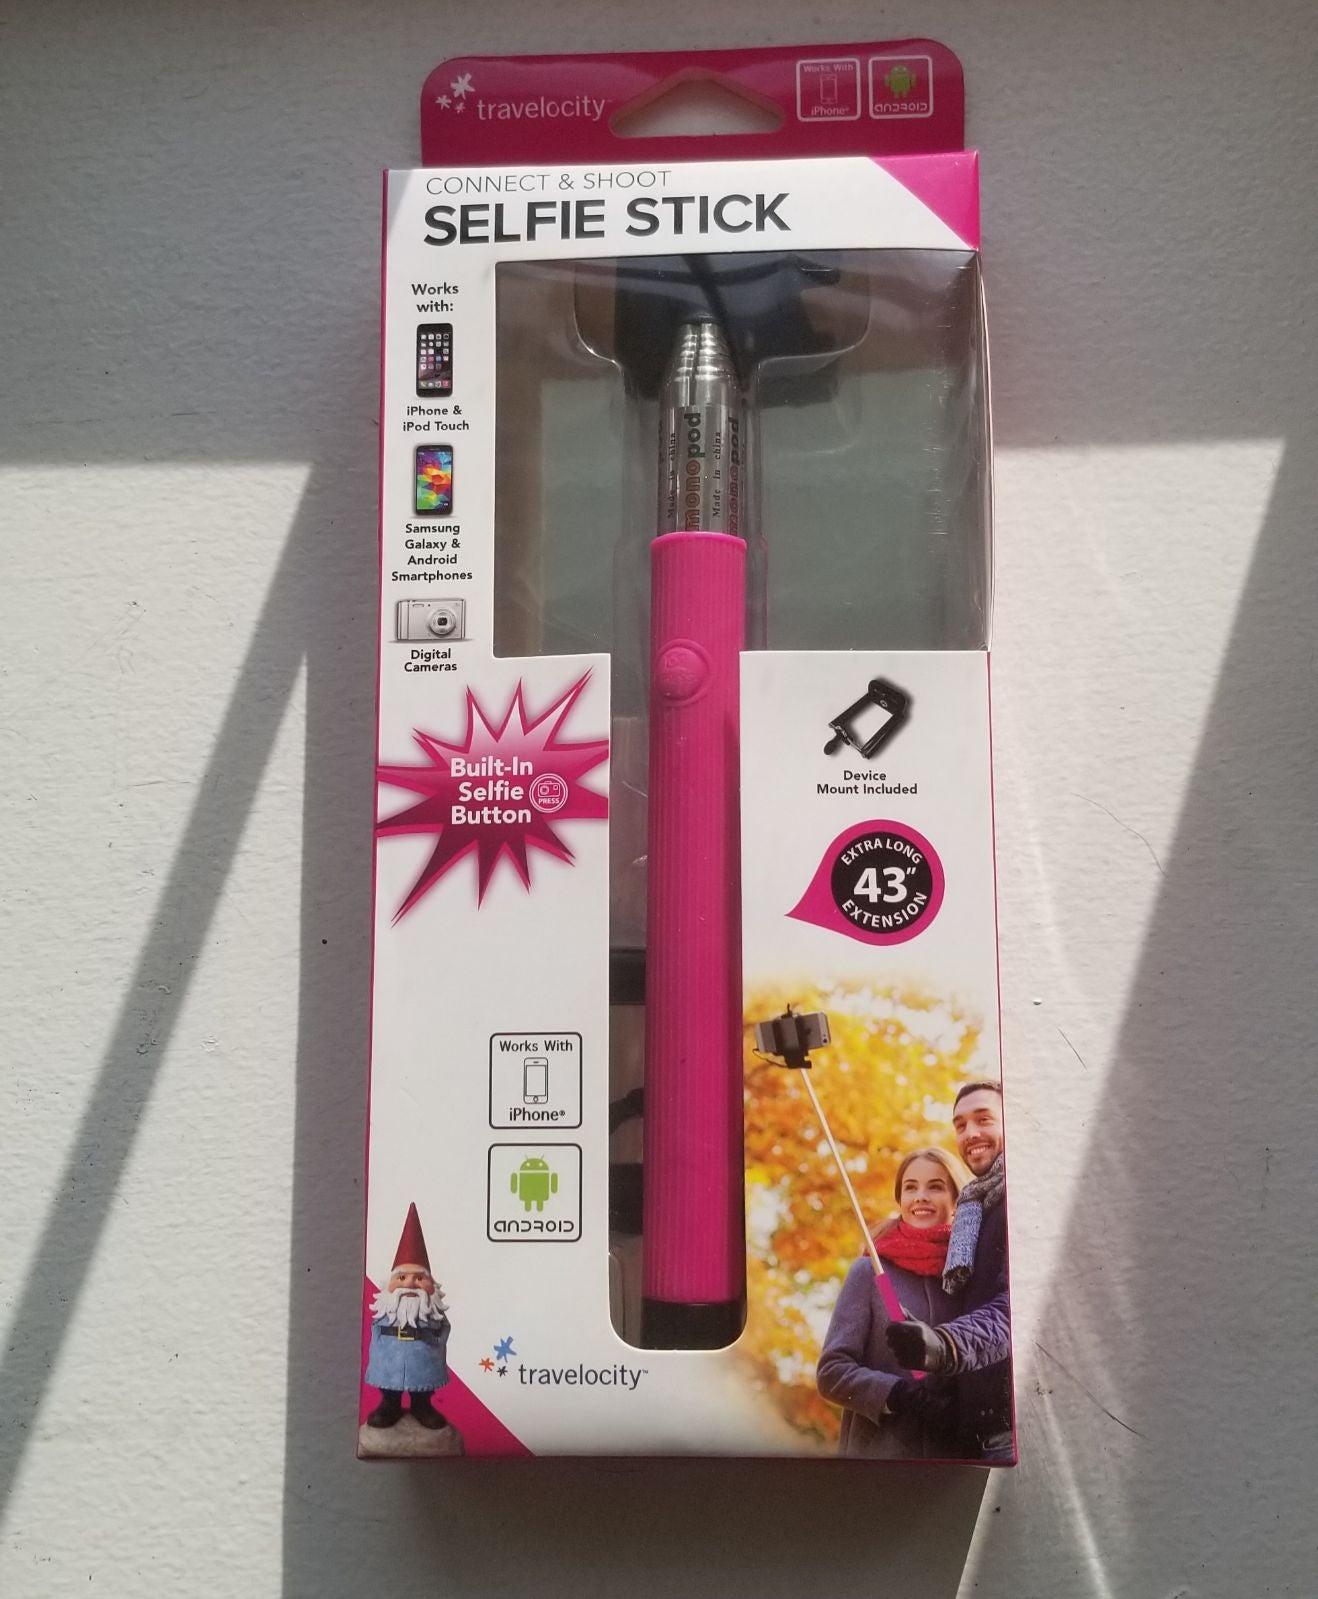 Connect & Shoot Selfie Stick